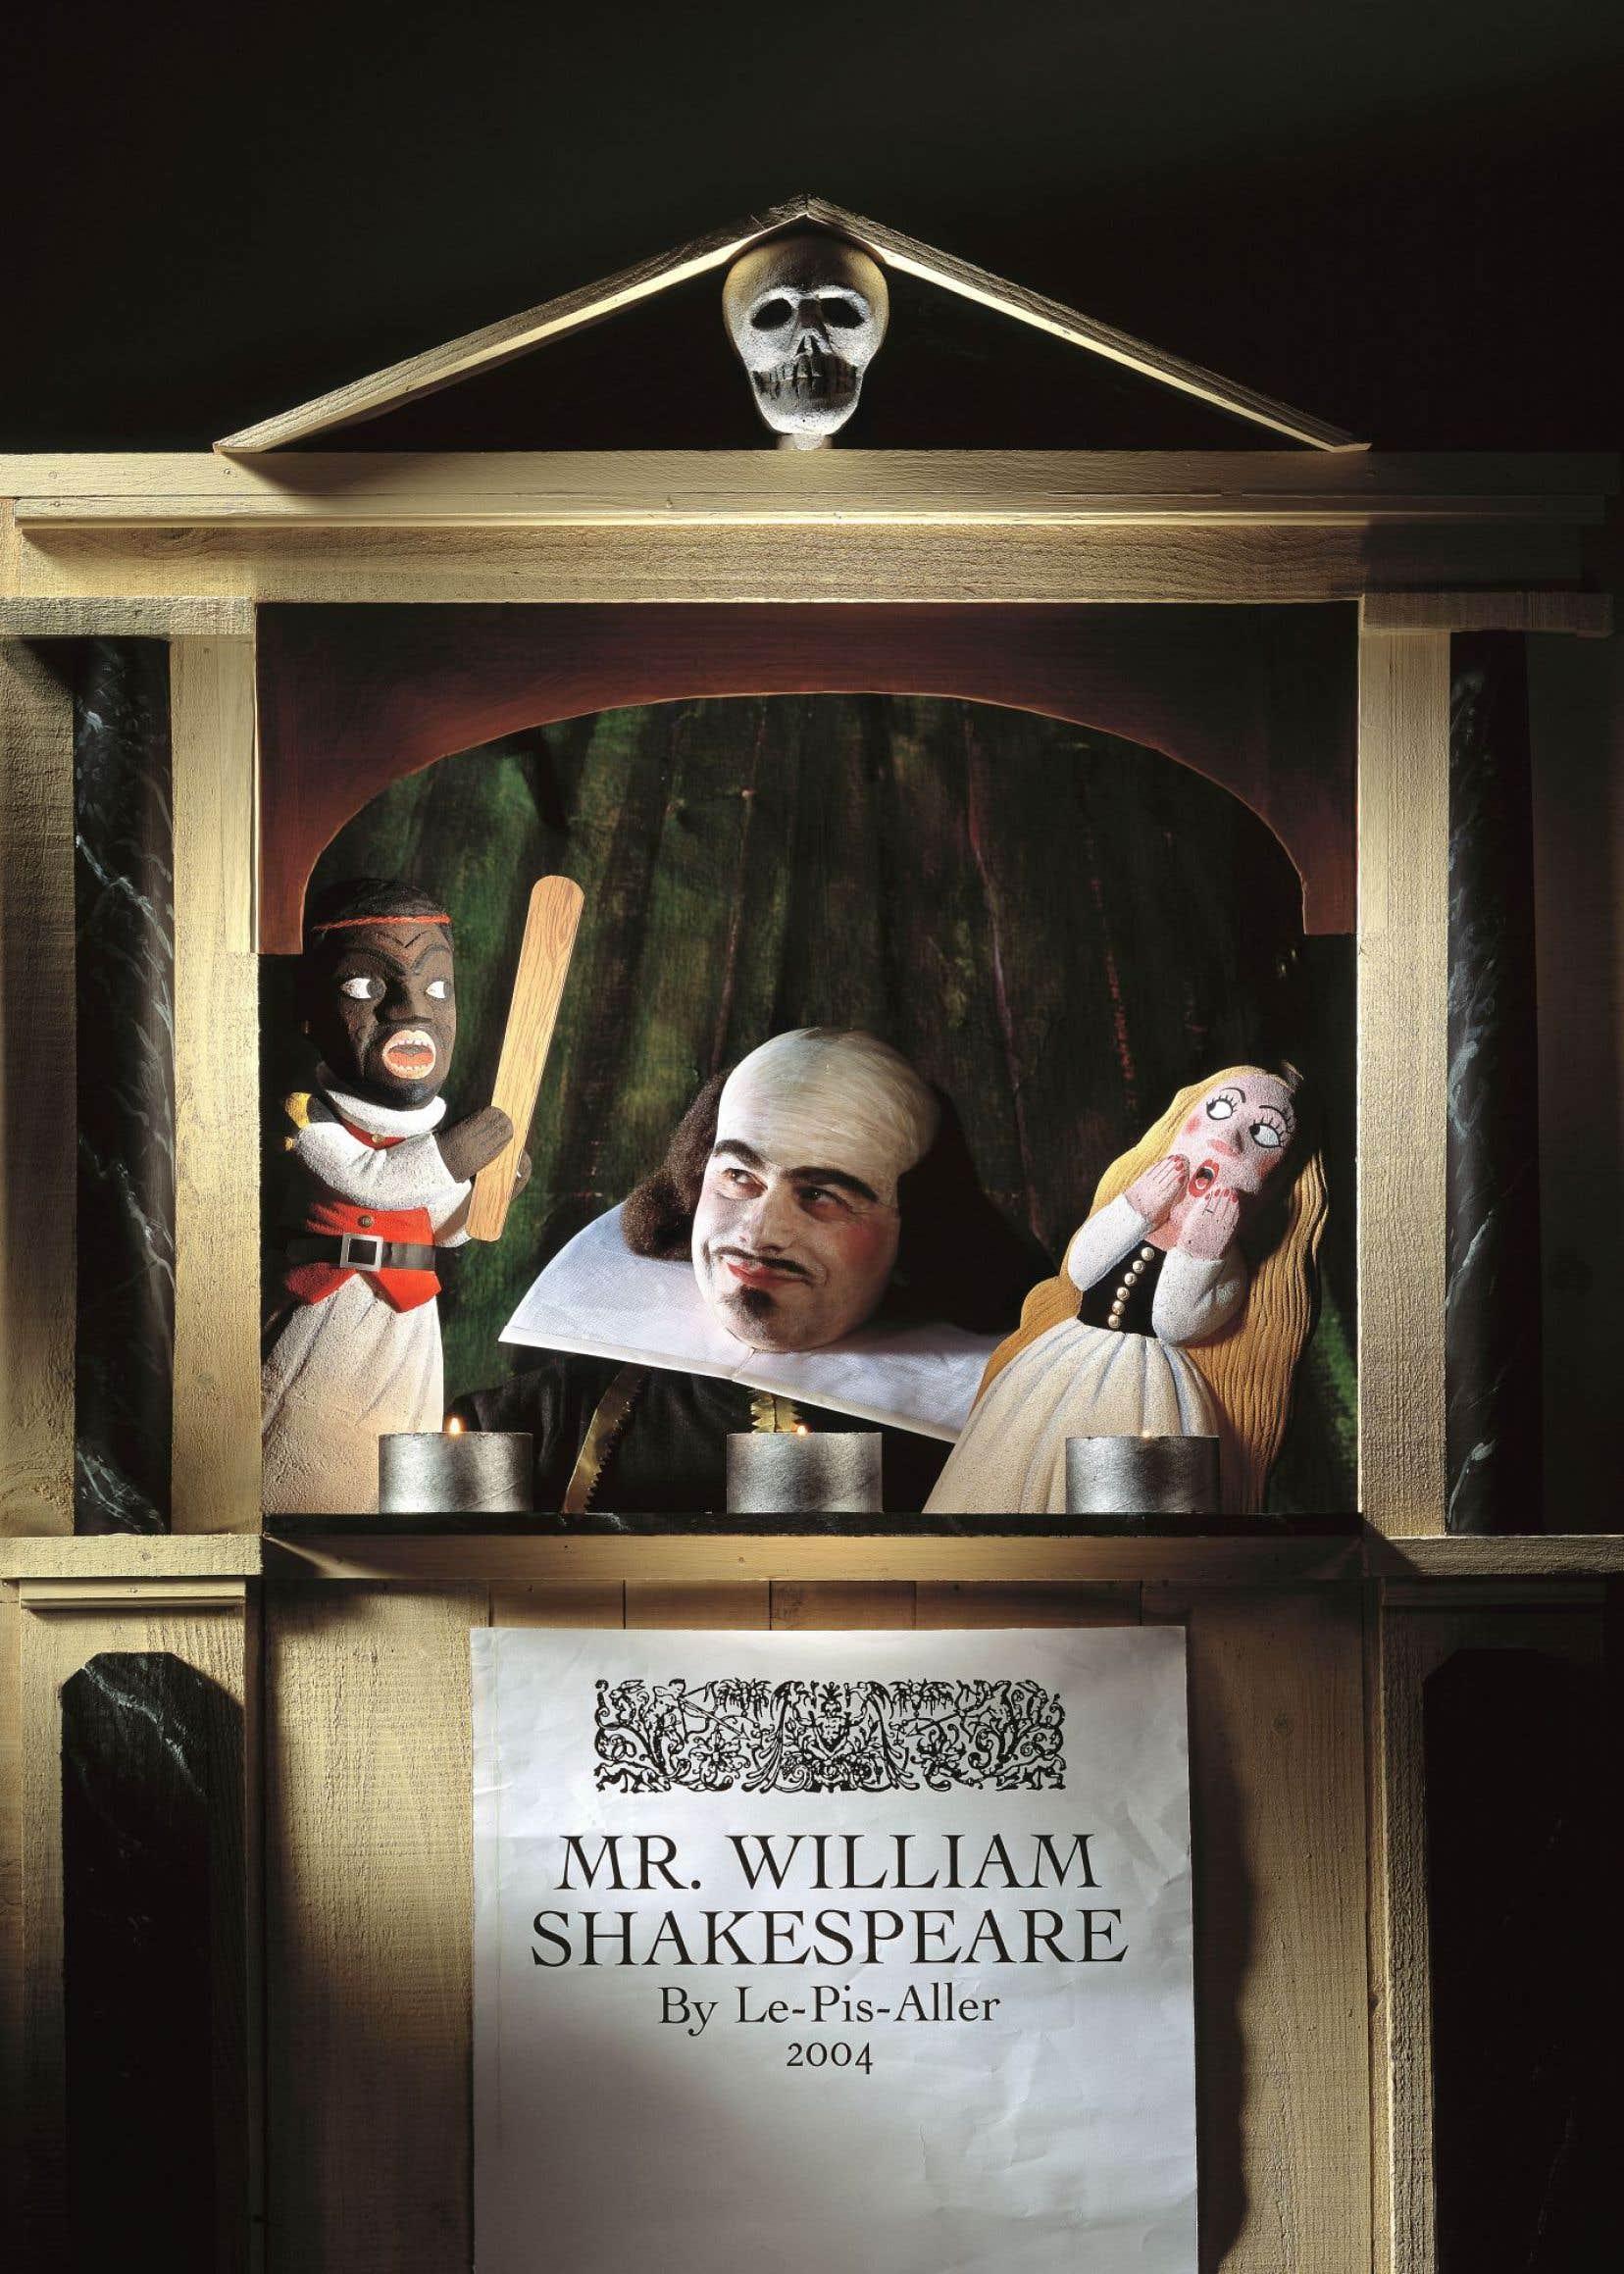 William Shakespeare vu par le groupe Le Pis-Aller